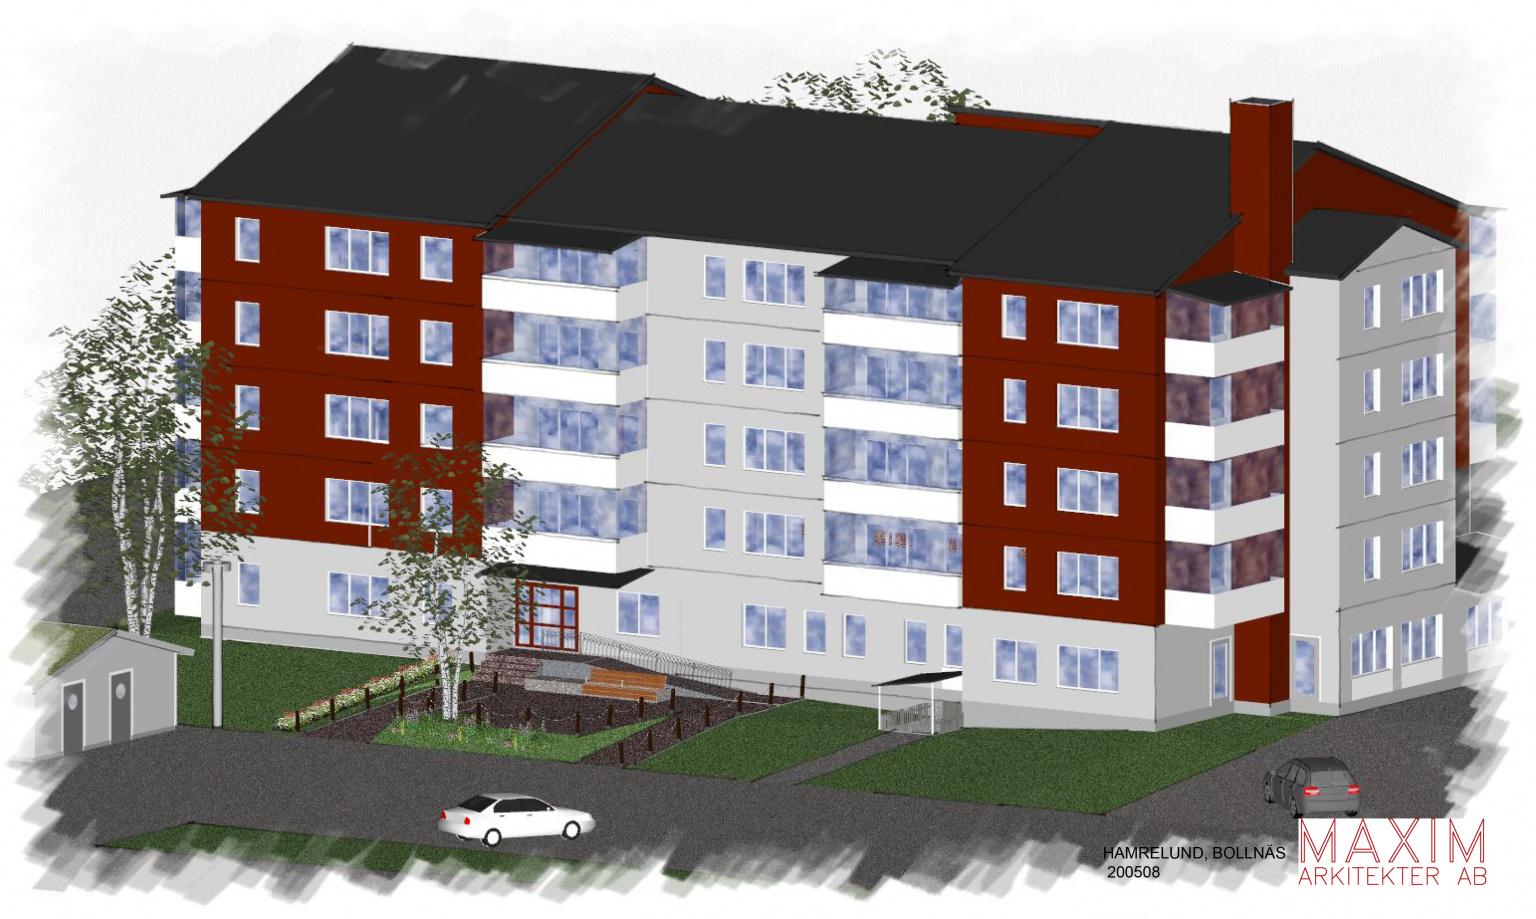 Illustrationsbild på ett Trygghetsboende i sex våningar. Huset är Rött och vitt.